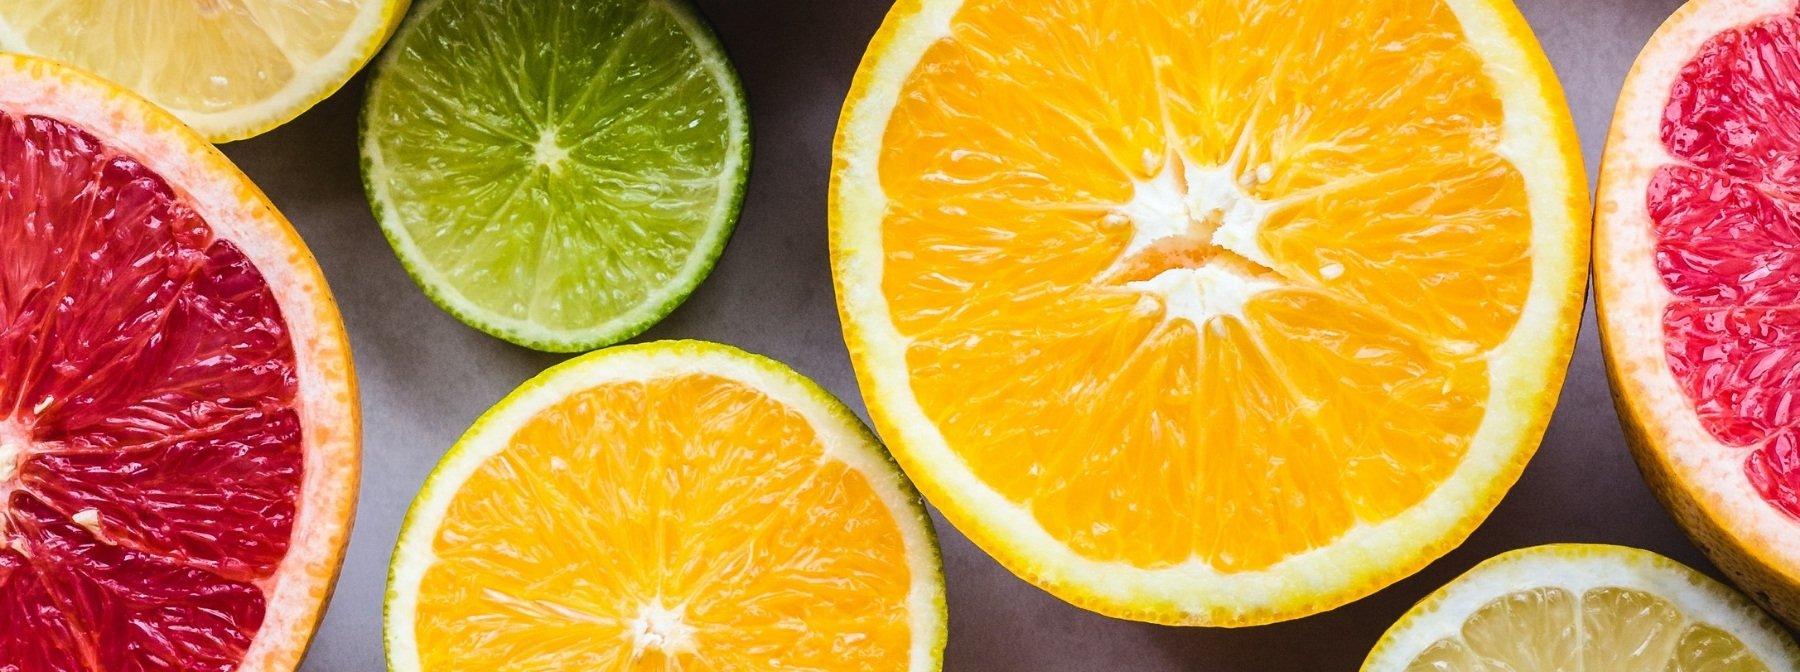 Tableaux des calories des fruits & légumes et leur indice glycémique